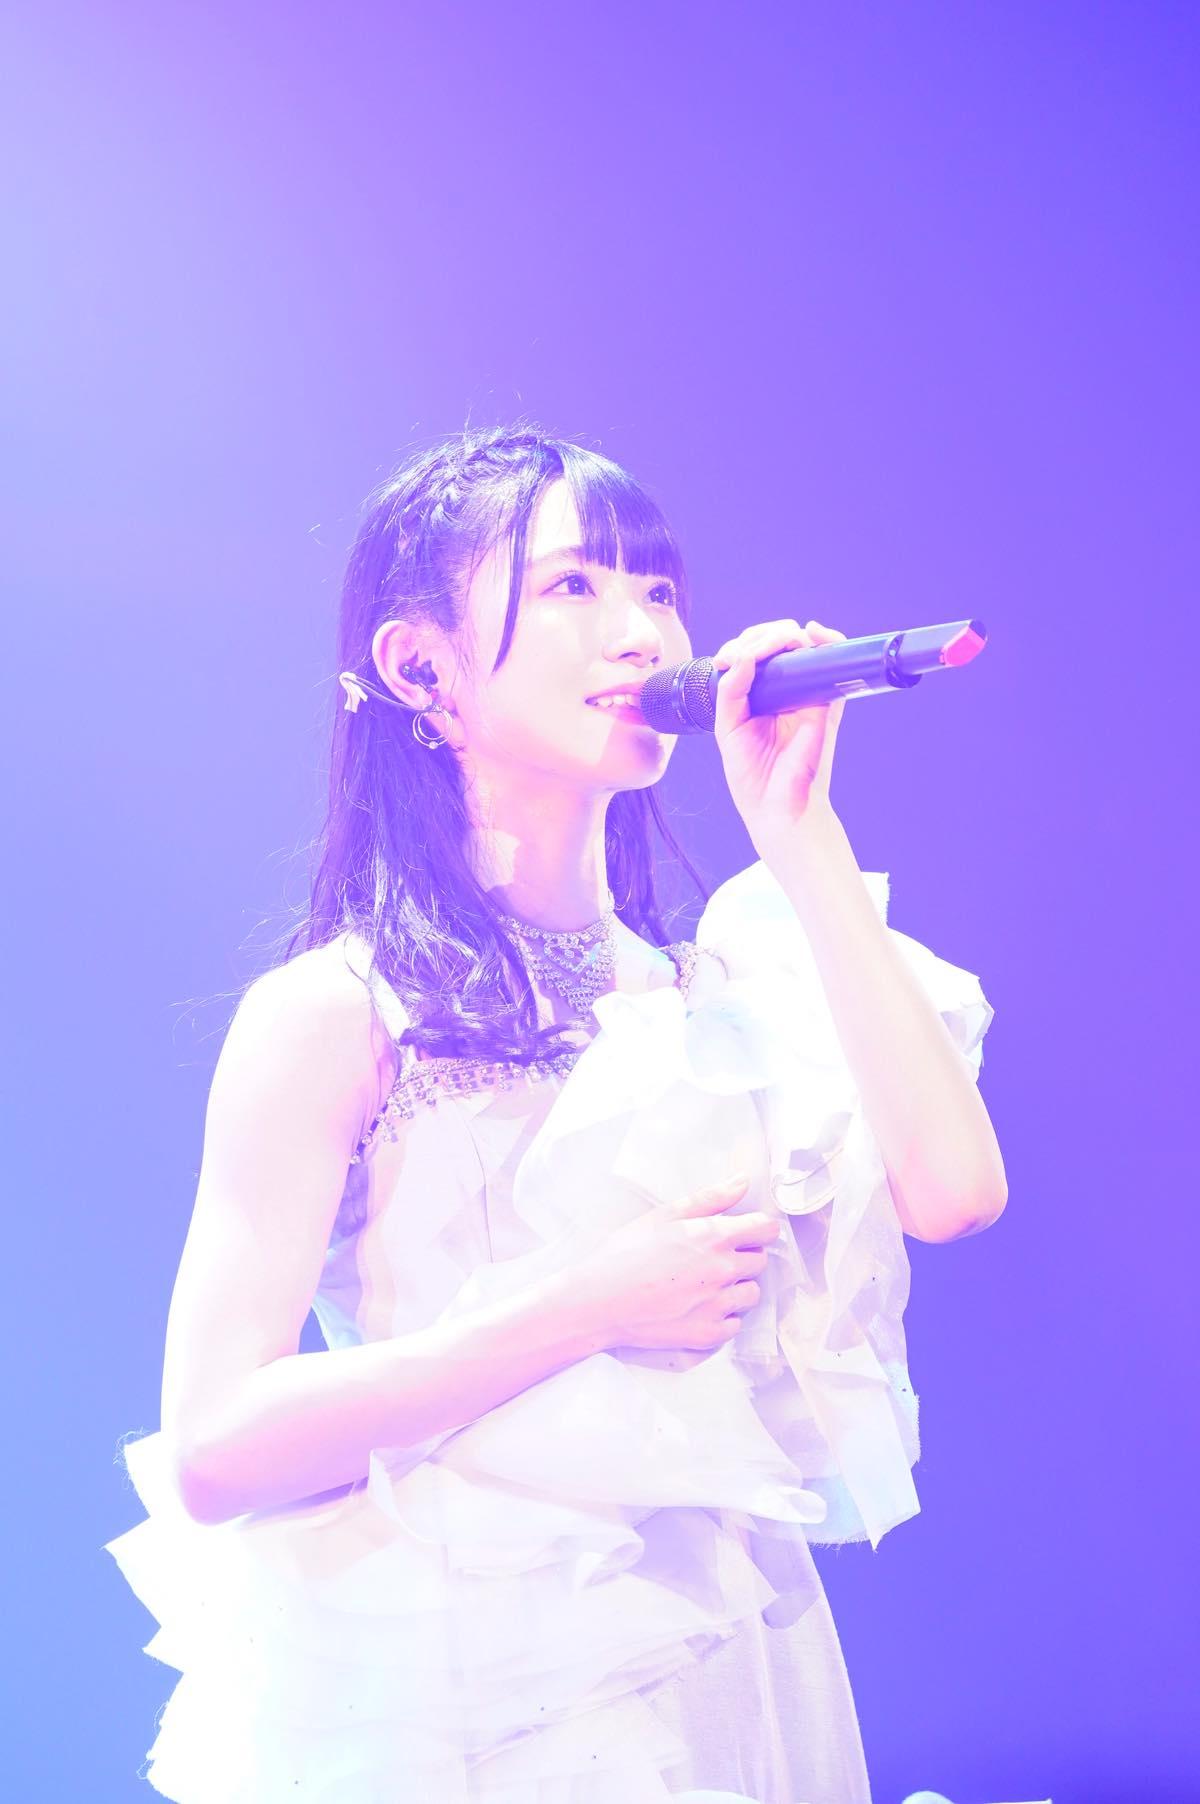 AKB48山内瑞葵ソロコンサートの画像1